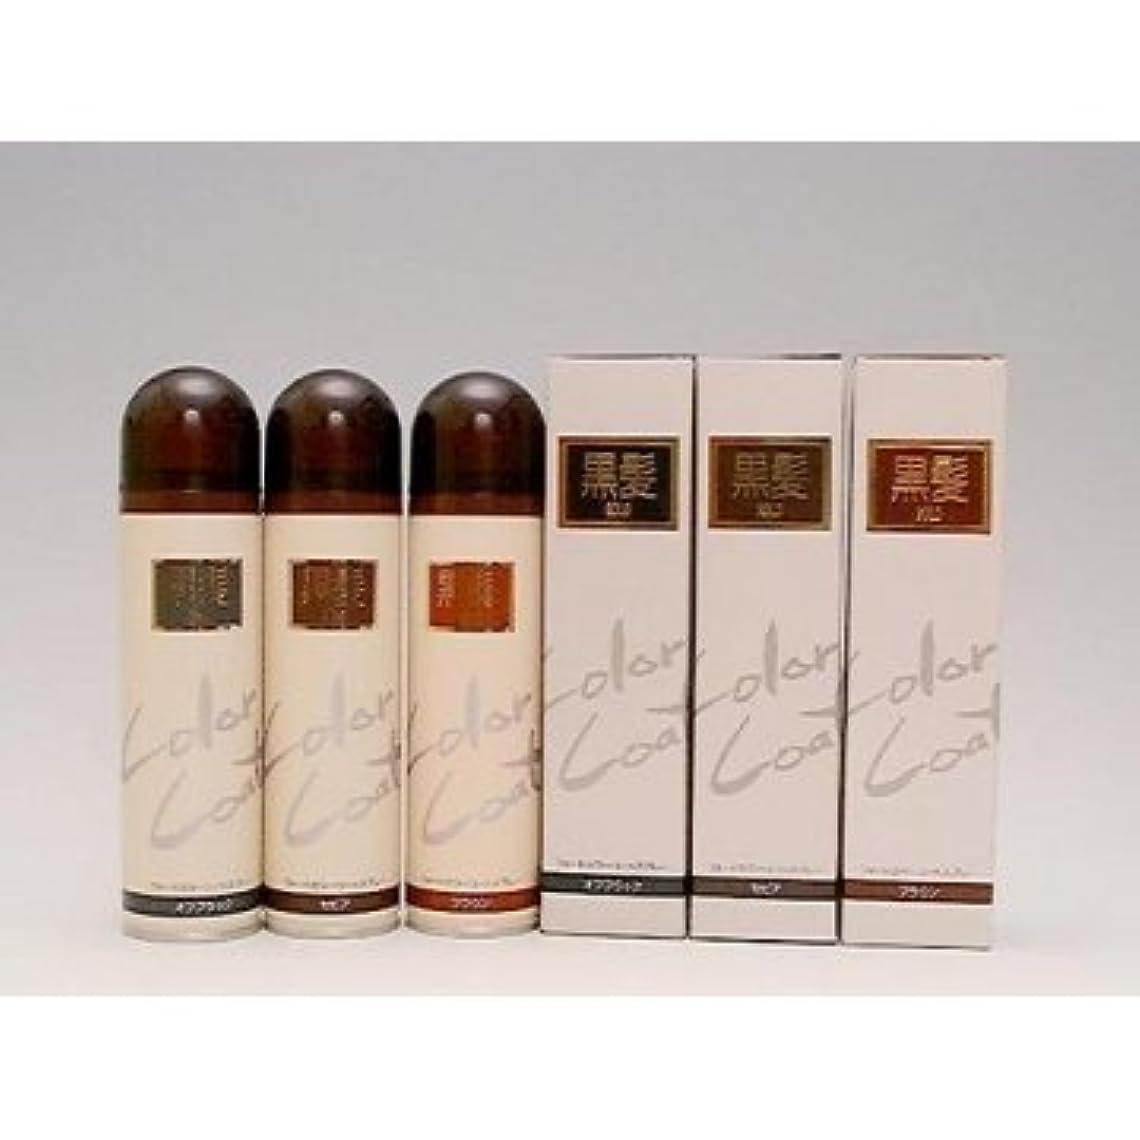 ウッズカフェテリア収益フォードヘア化粧品 カラーコートスプレー(ブラウン)203